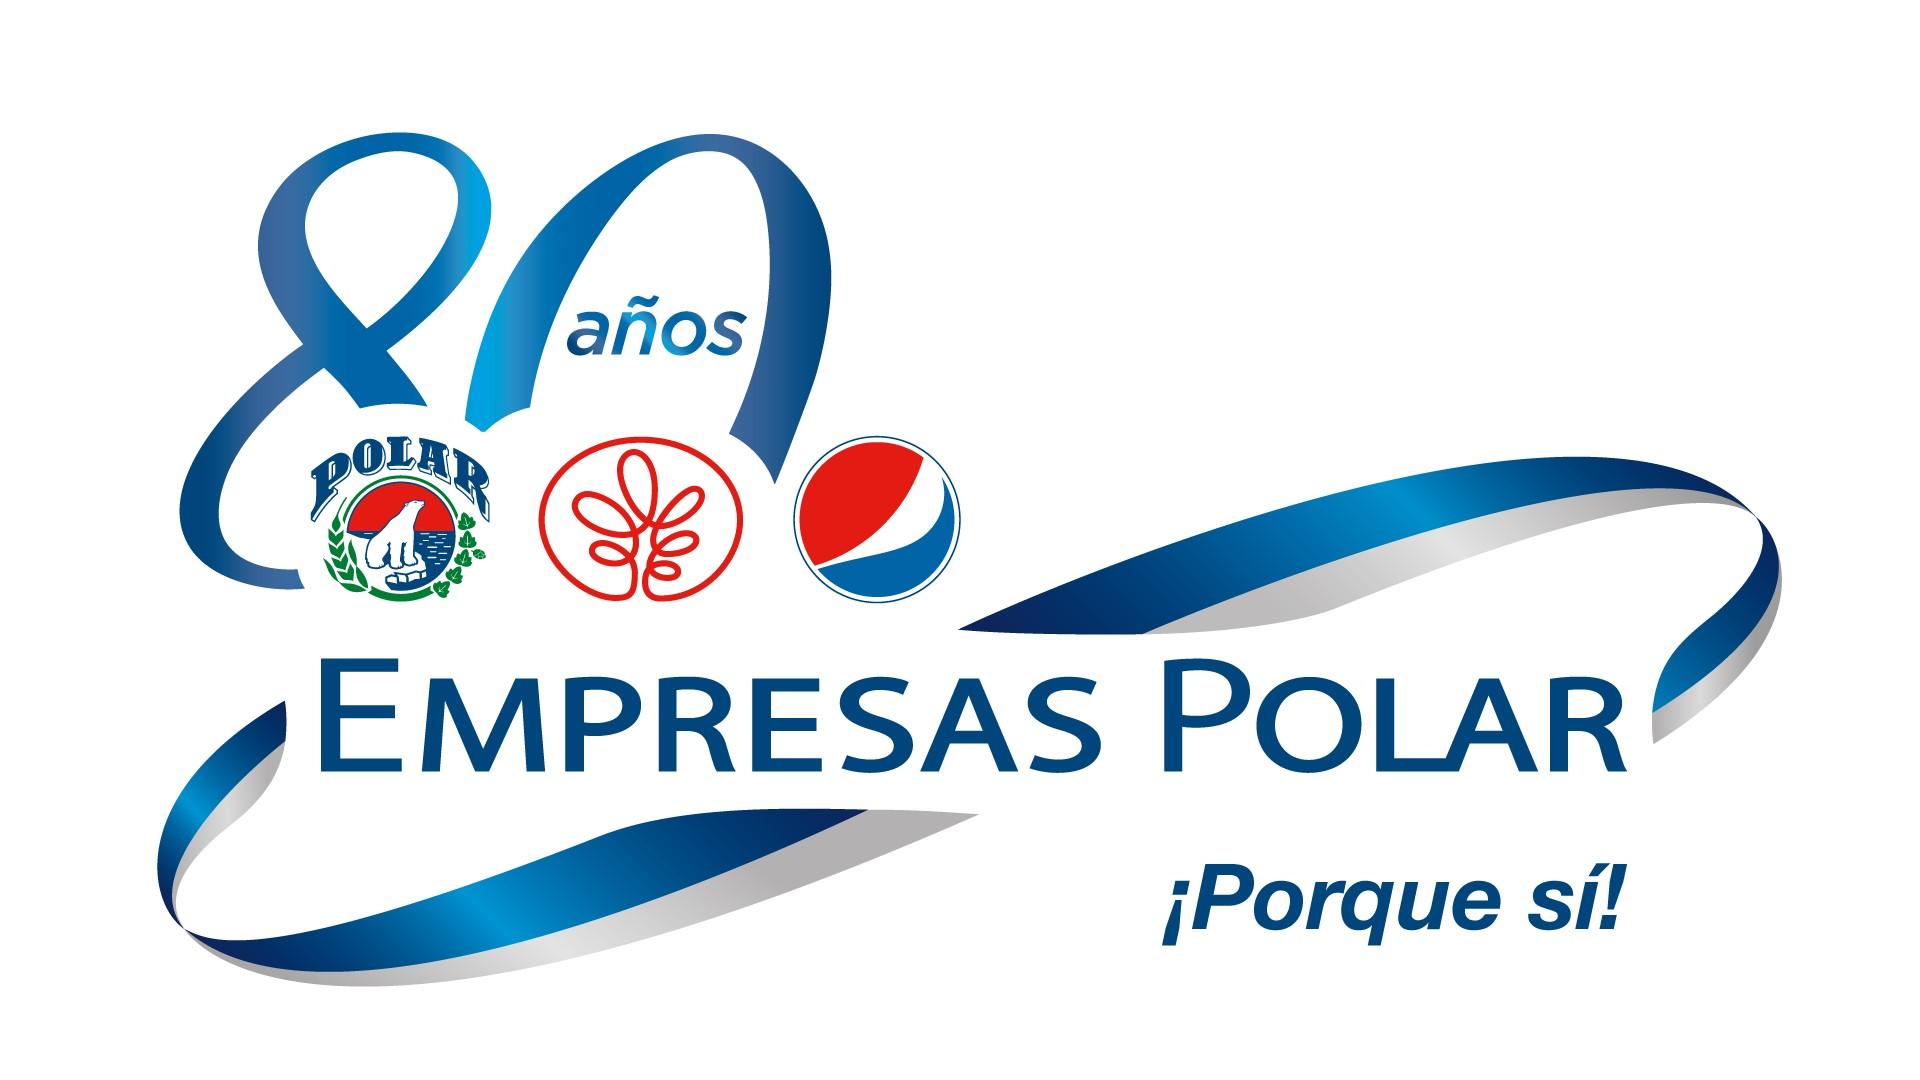 Empresas Polar celebra junto con los fanáticos del fútbol 80 años de apoyo al deporte en Venezuela